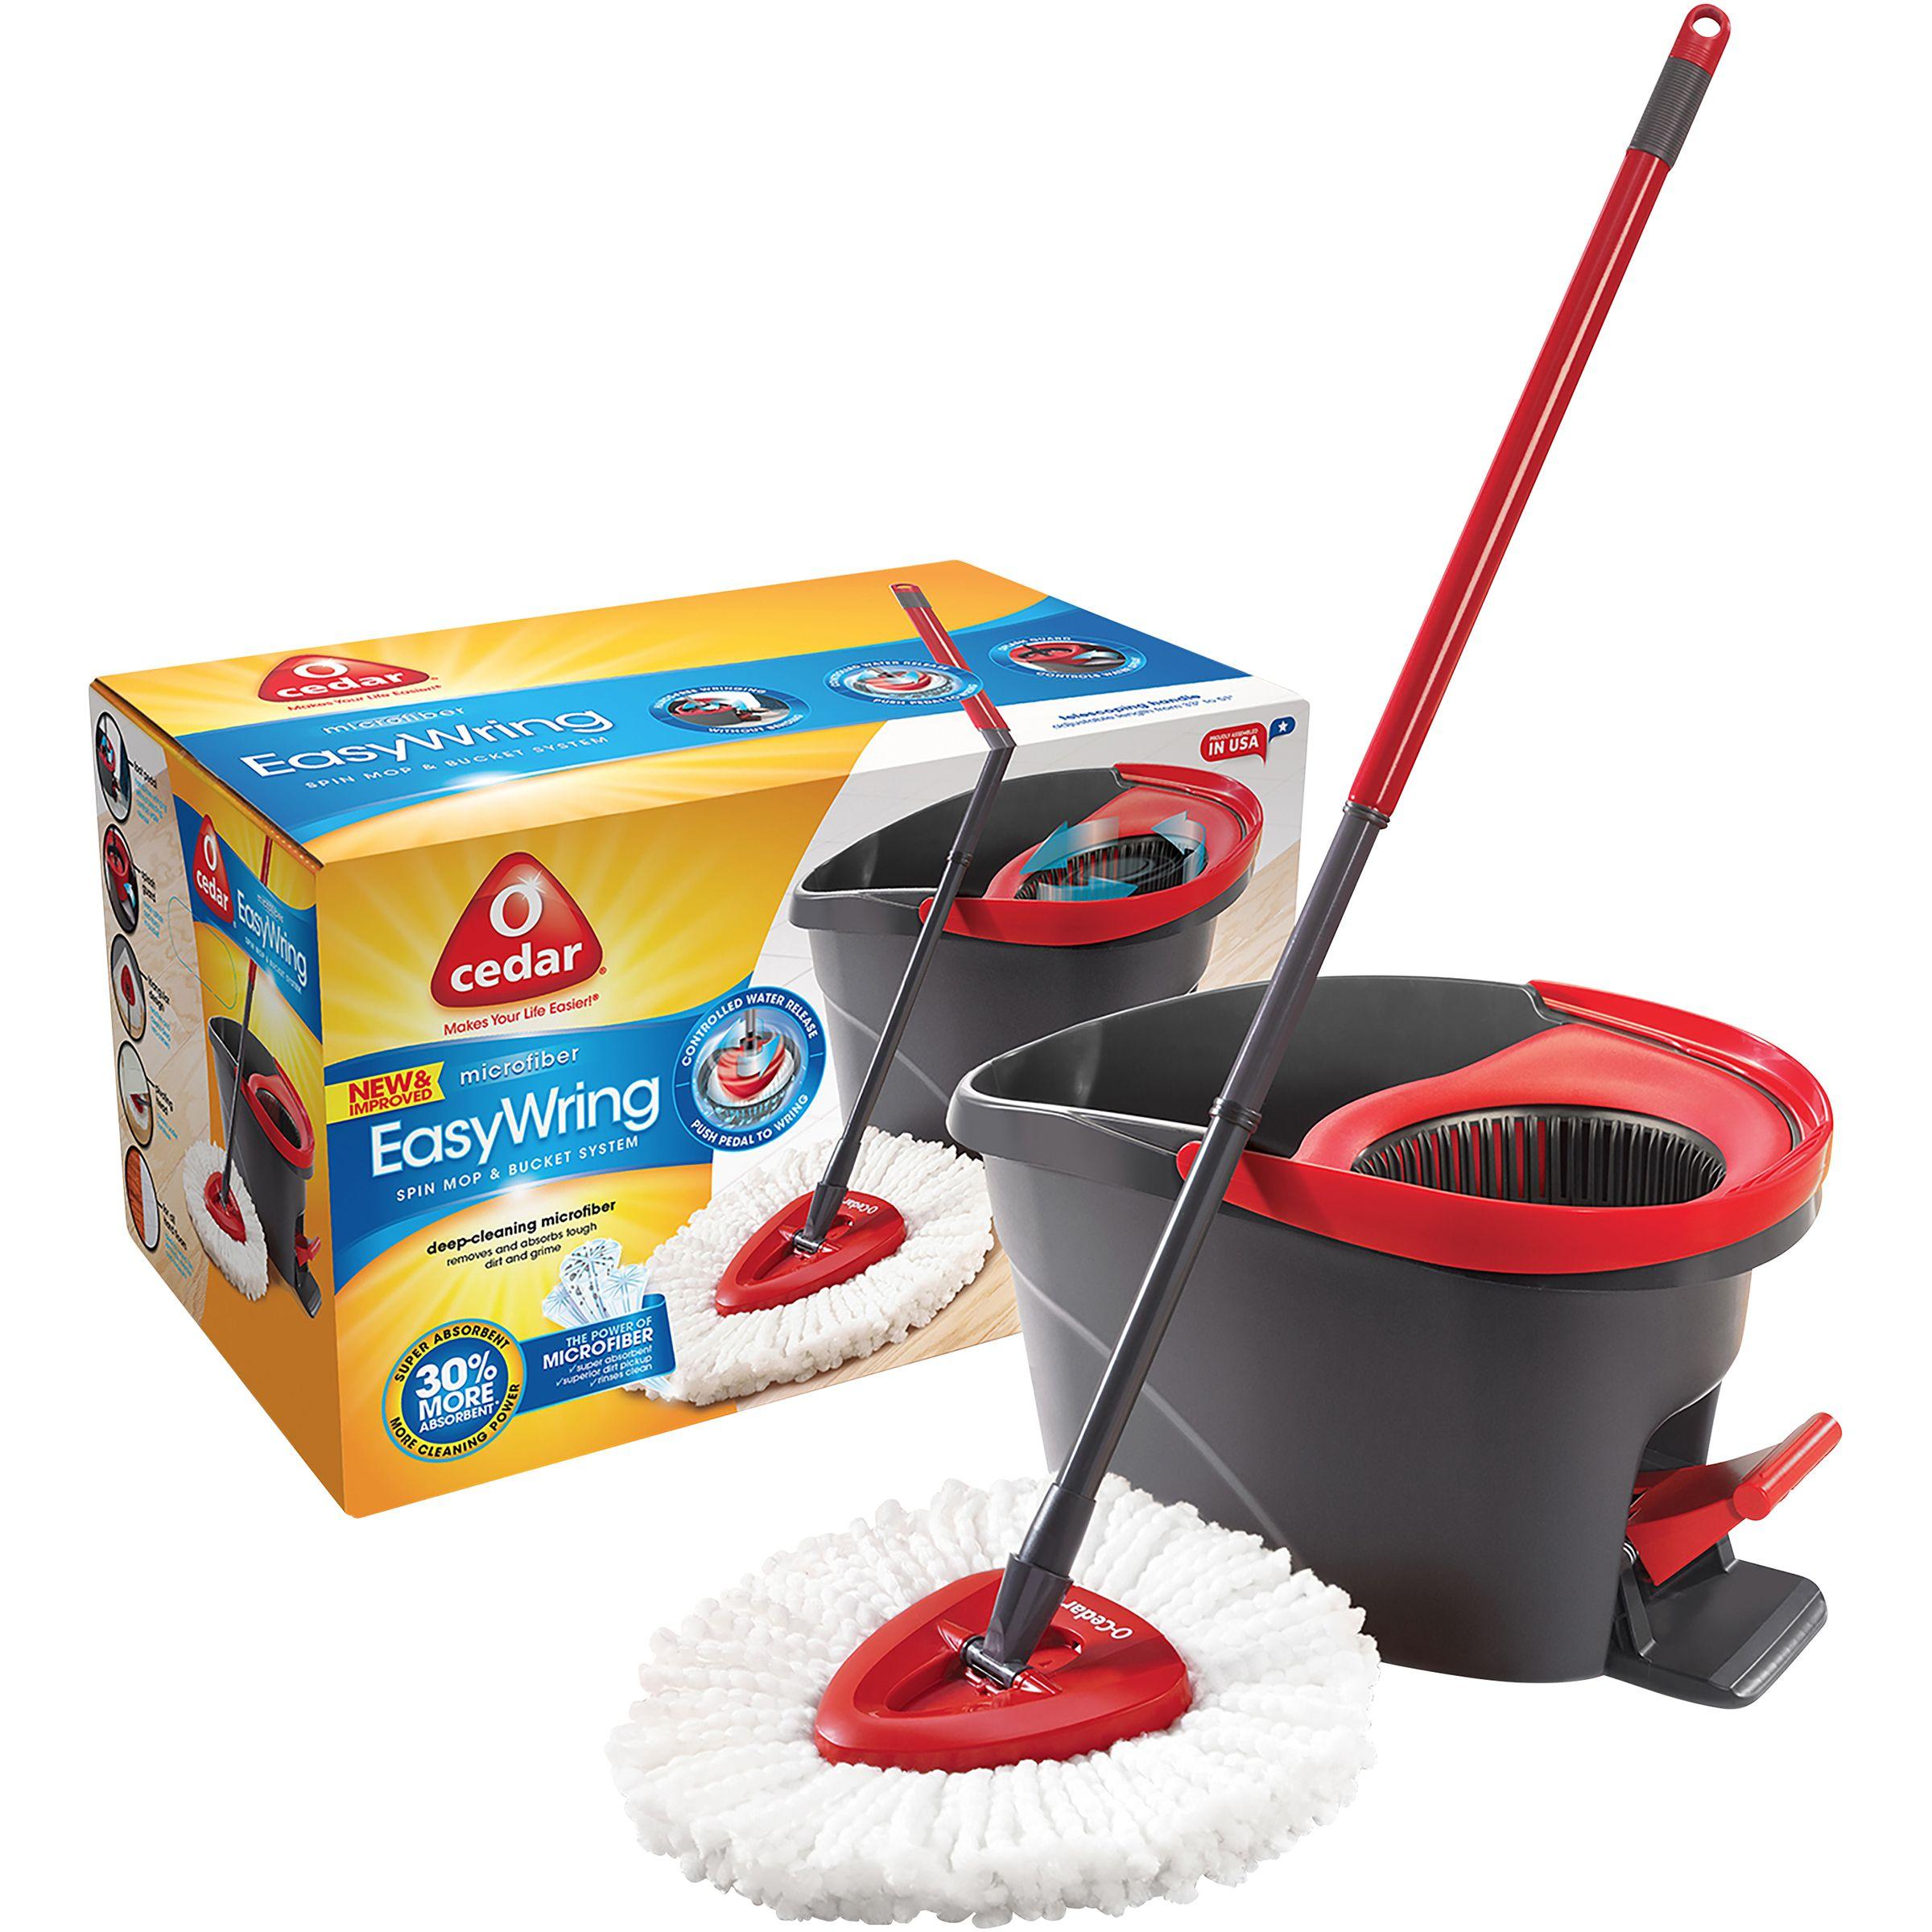 O Cedar Easywring Spin Microfiber Mop Bucket System 1 Kt Box Spin Mop Wet Mops Microfiber Mops